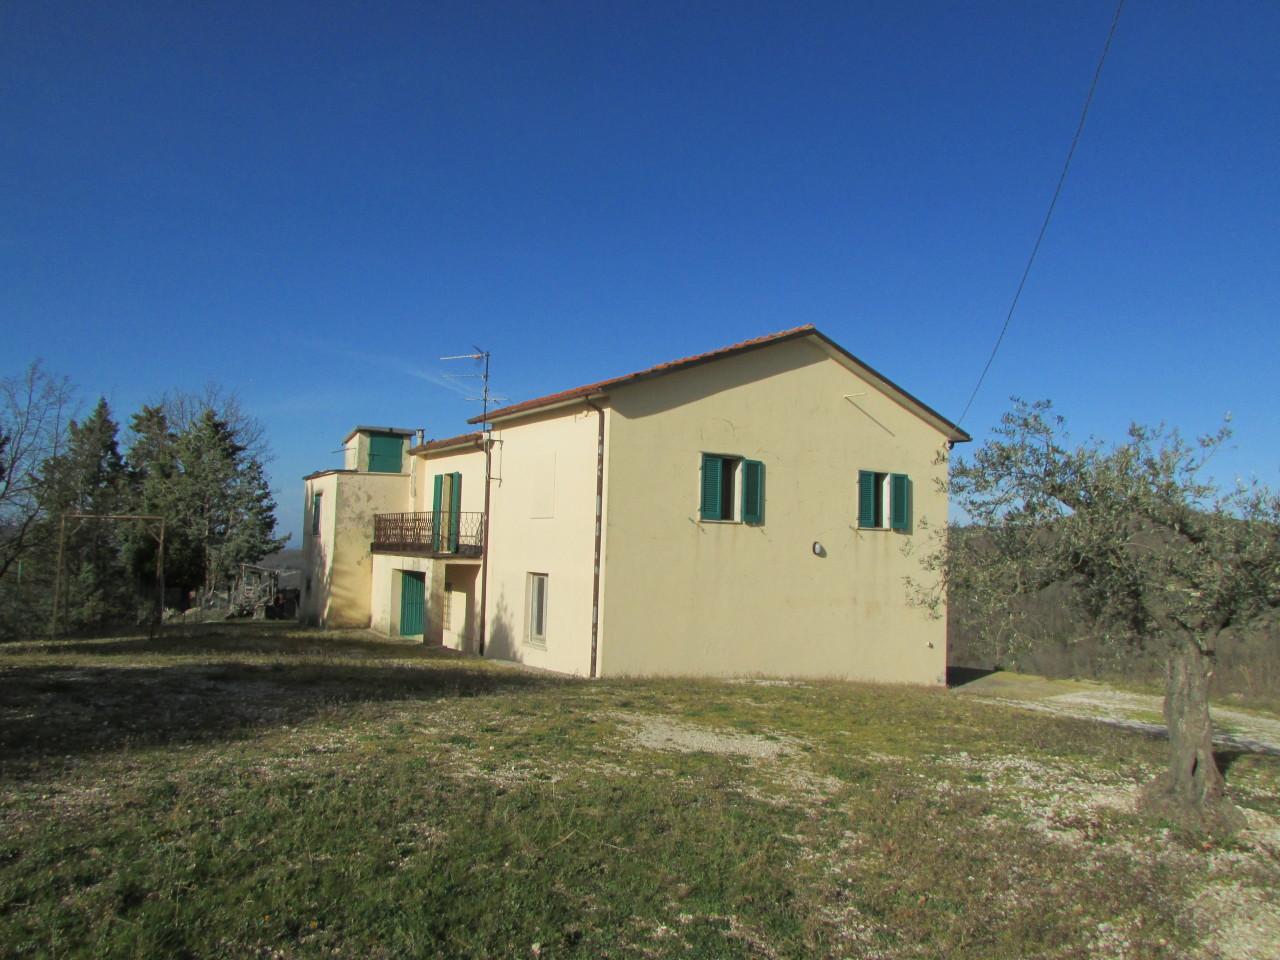 Casale da ristrutturare a Collelungo, Baschi